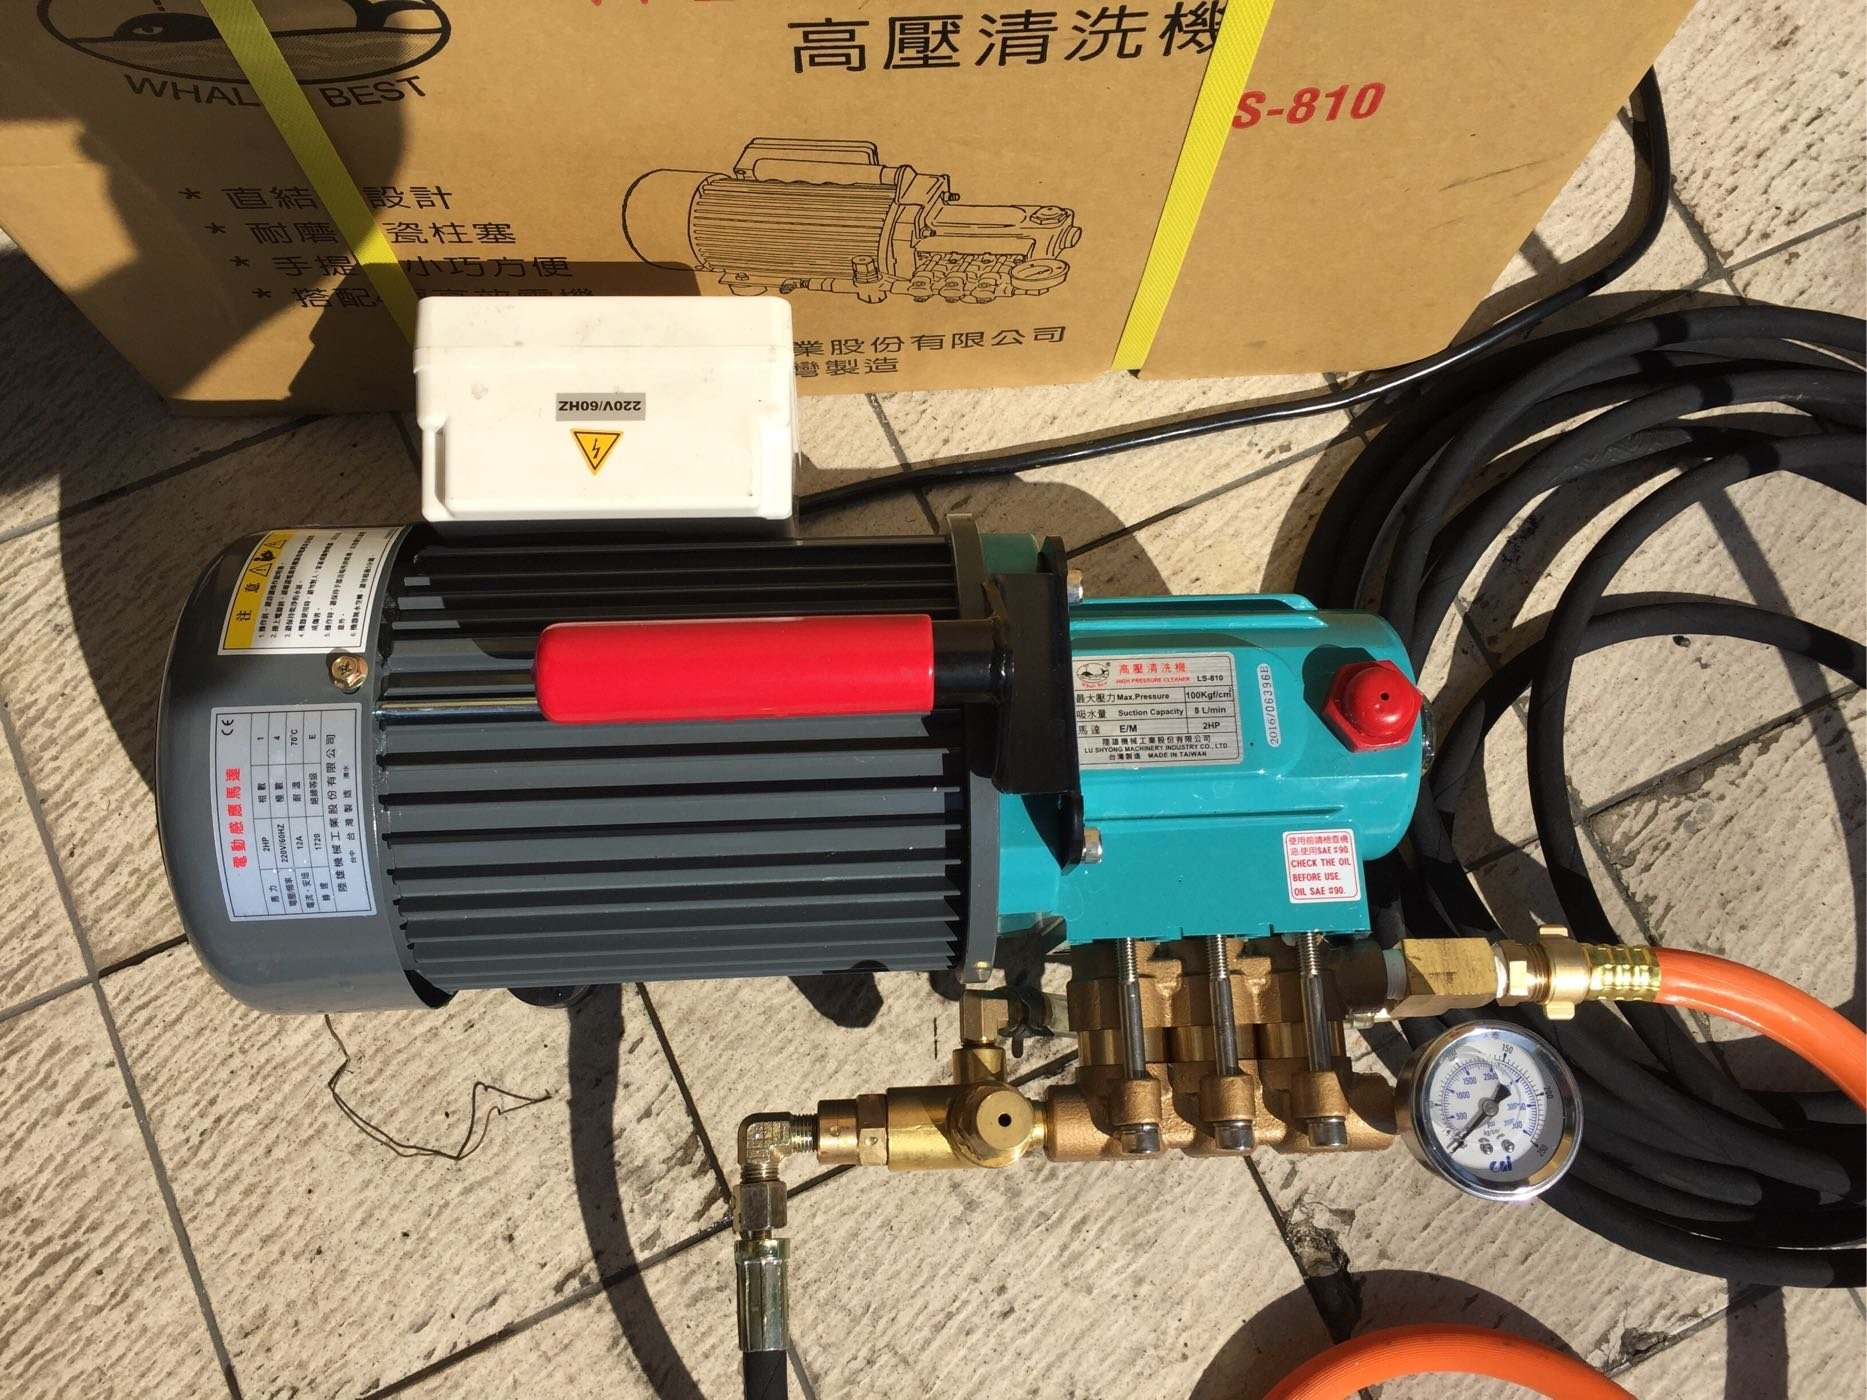 *工具醫院* 陸雄 高效能版 壓力100KG 清洗機 高壓 水槍 水刀 噴霧機 洗車機 高壓清洗機  LS-810 物理